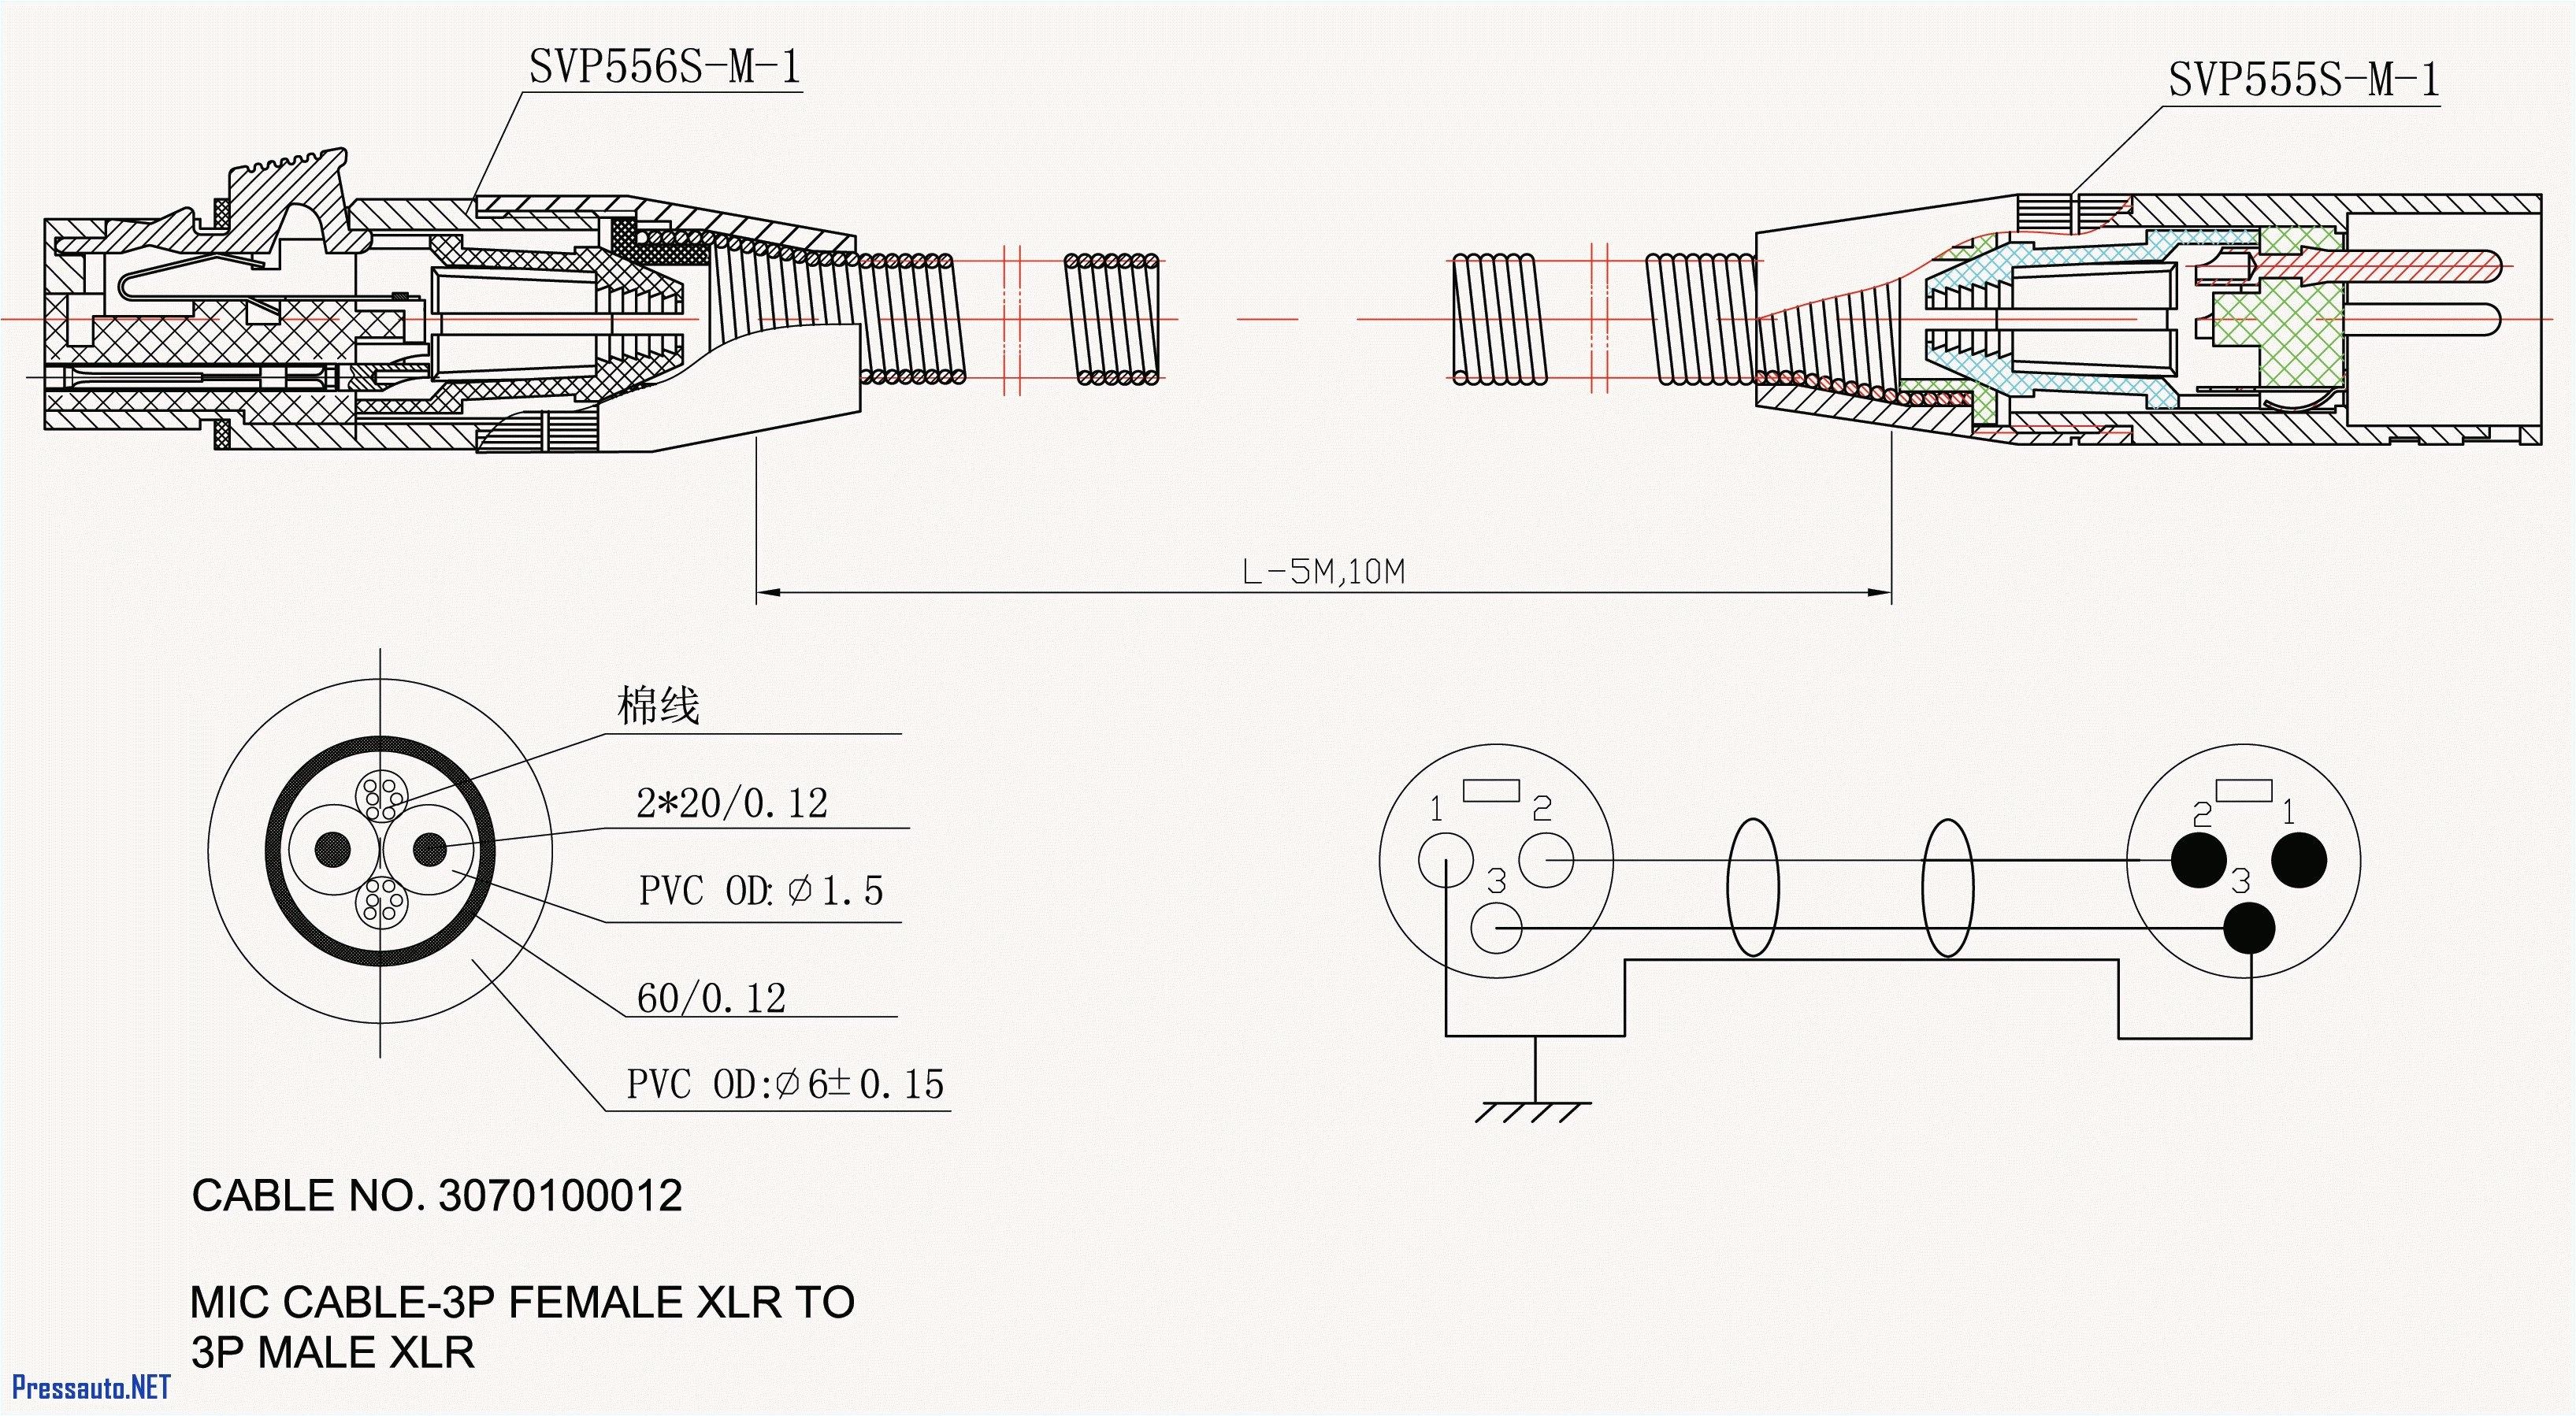 4 wire 220 volt wiring diagram inspirational wiring diagram for a4 wire 220 volt wiring diagram